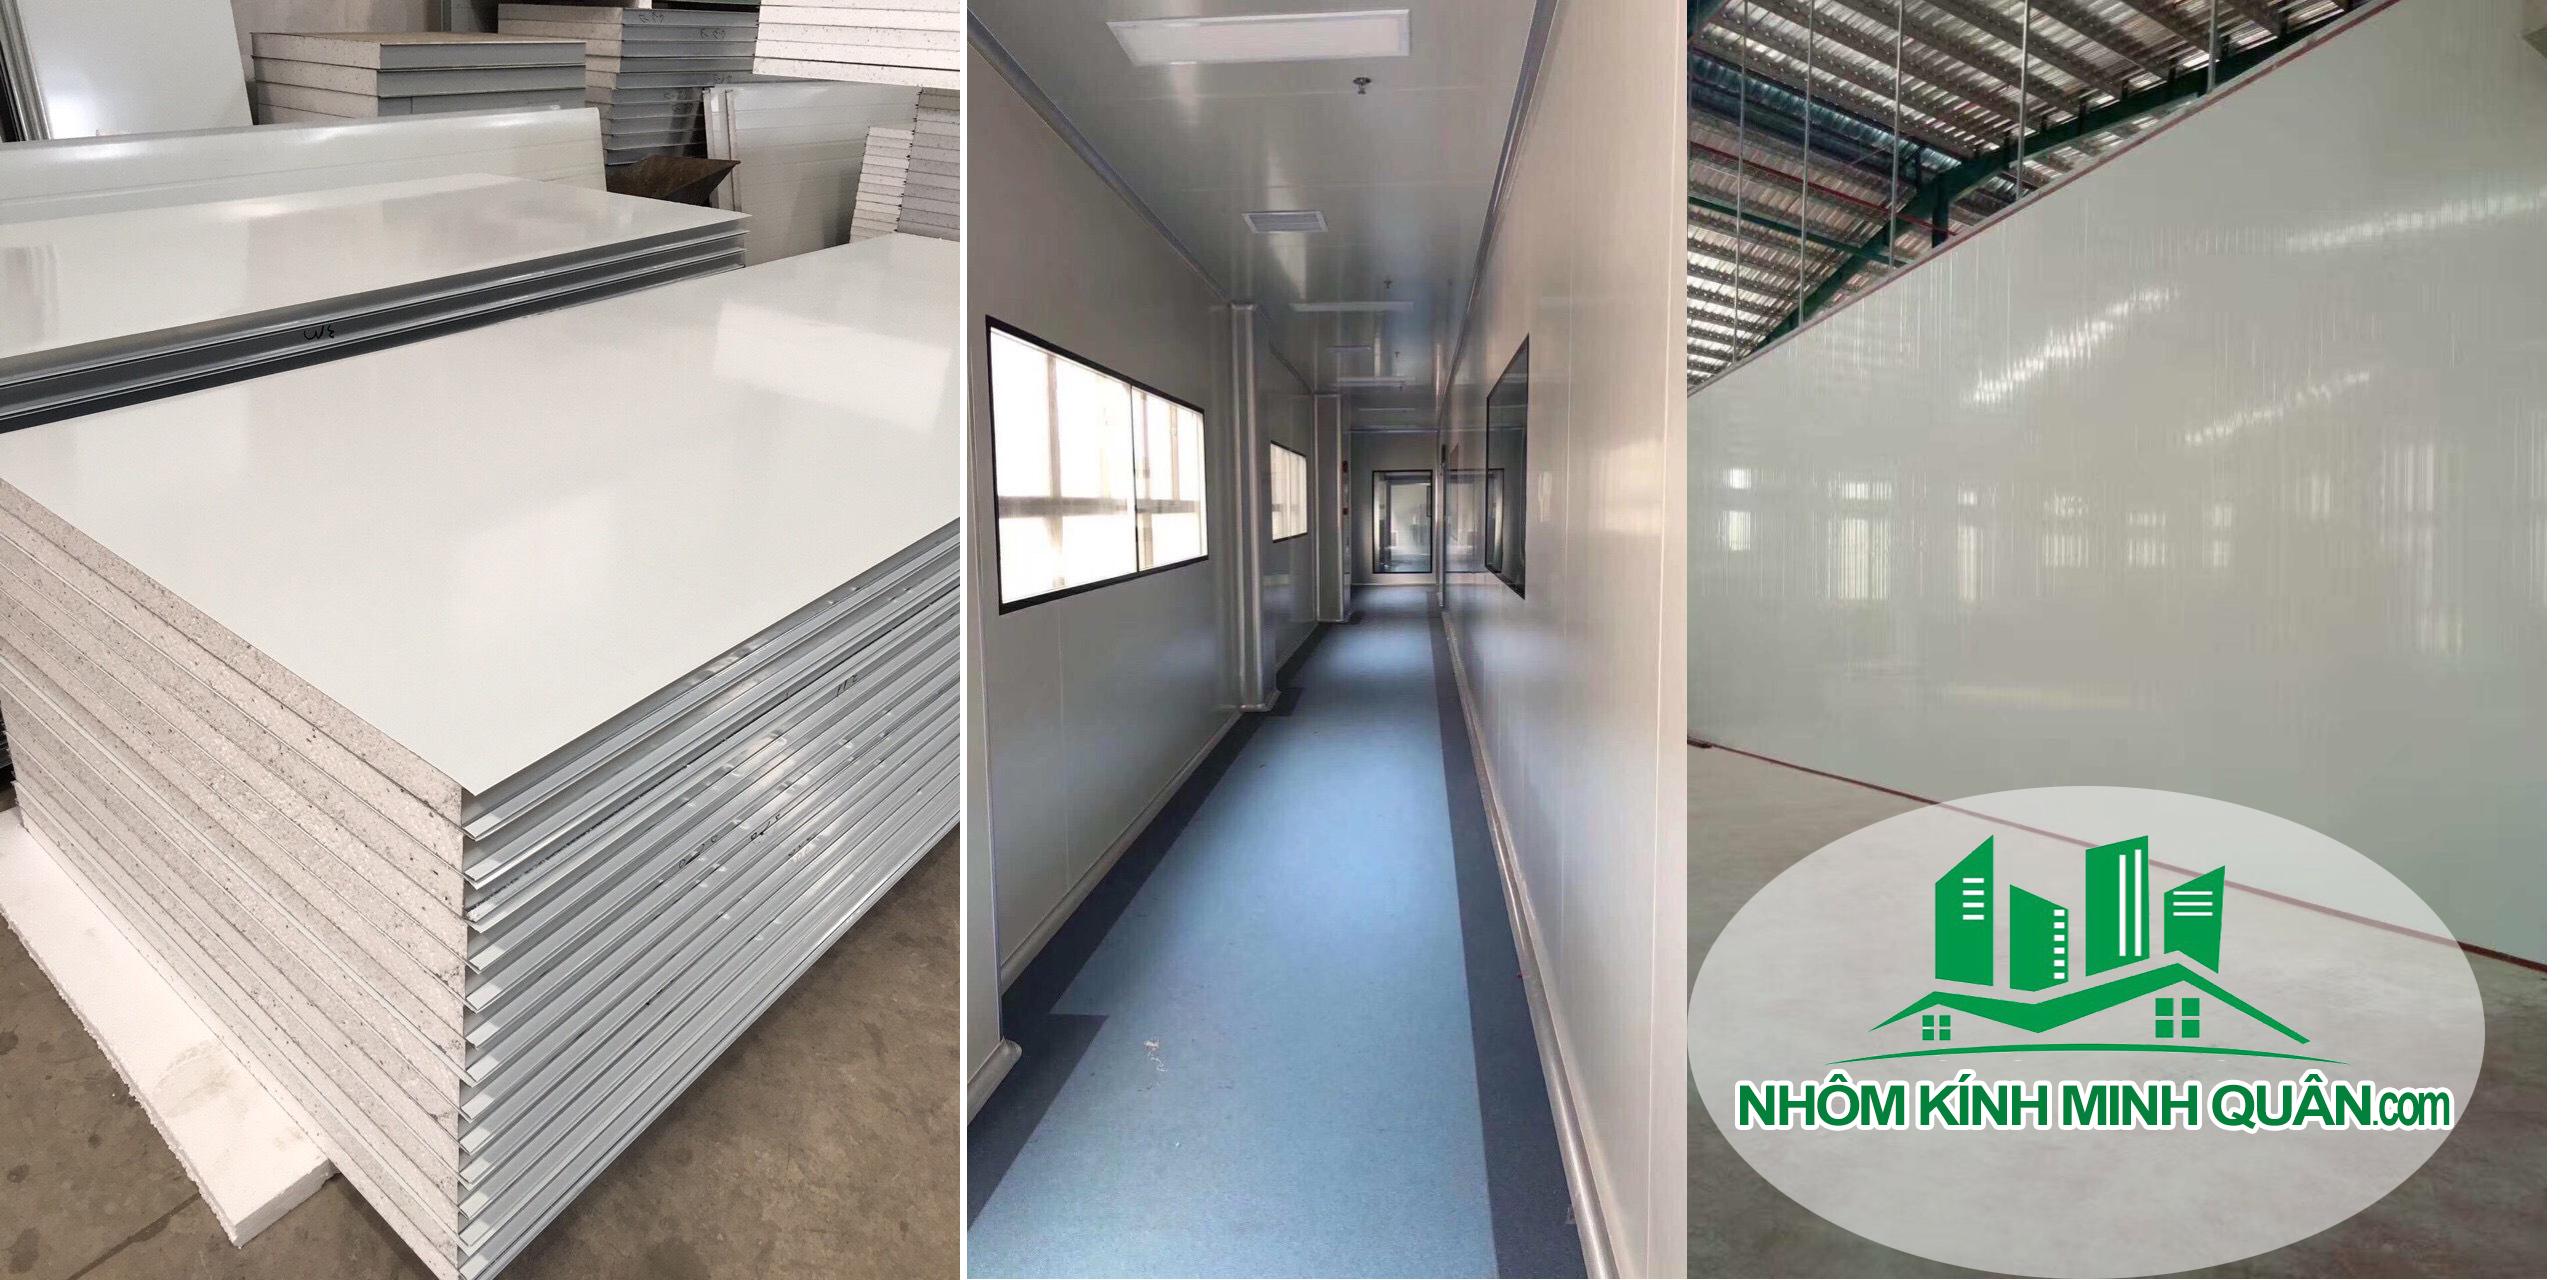 vách ngăn cách nhiệt panel thuận an thi-cong-vach-ngan-cach-nhiet-tai-thuan-an-binh-duong (2)